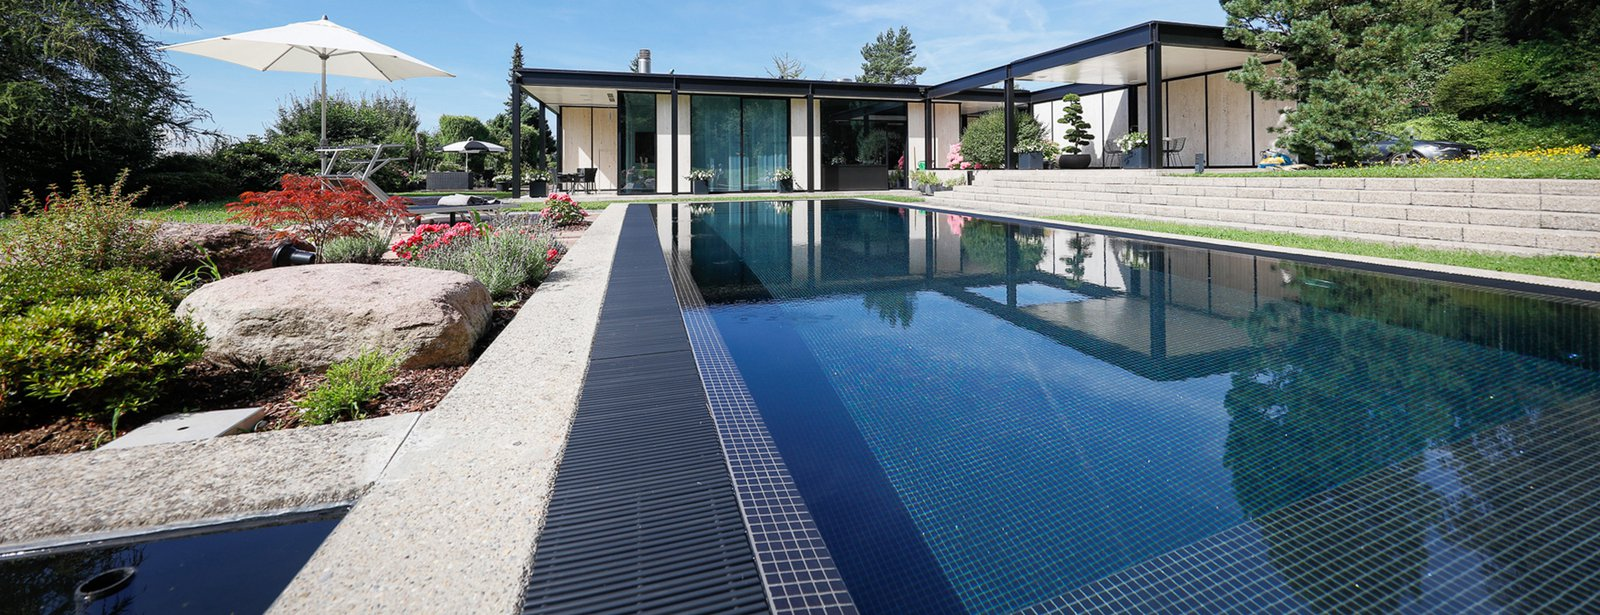 Traumhafte schwimmb der f r au en im garten und innen im haus for Swimming pool stahlwand rechteckig